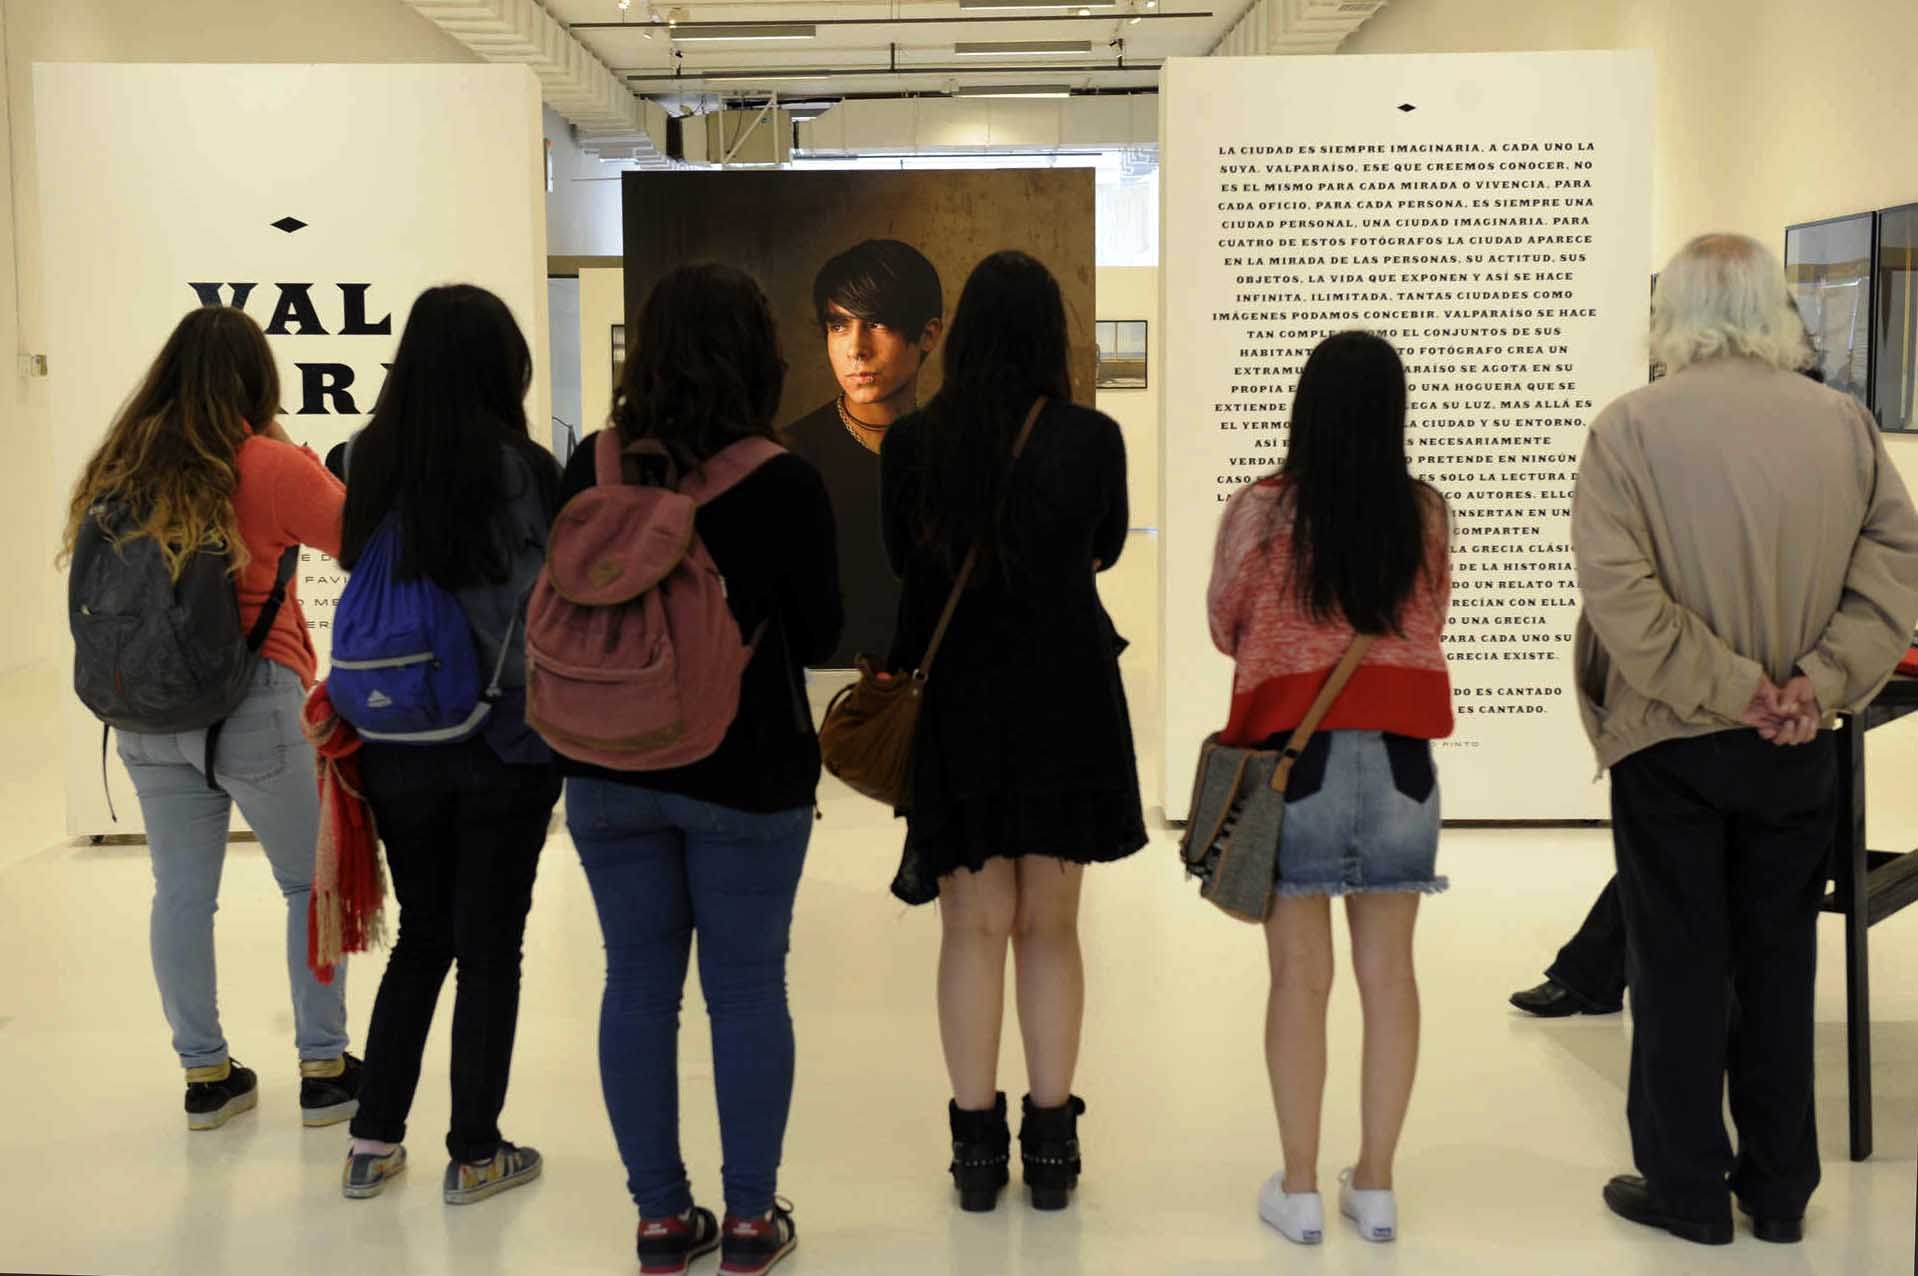 Visitas guiadas observan las fotografías de la exposición Valparaíso, FIFV 2016. ©Victor Ruiz Caballero